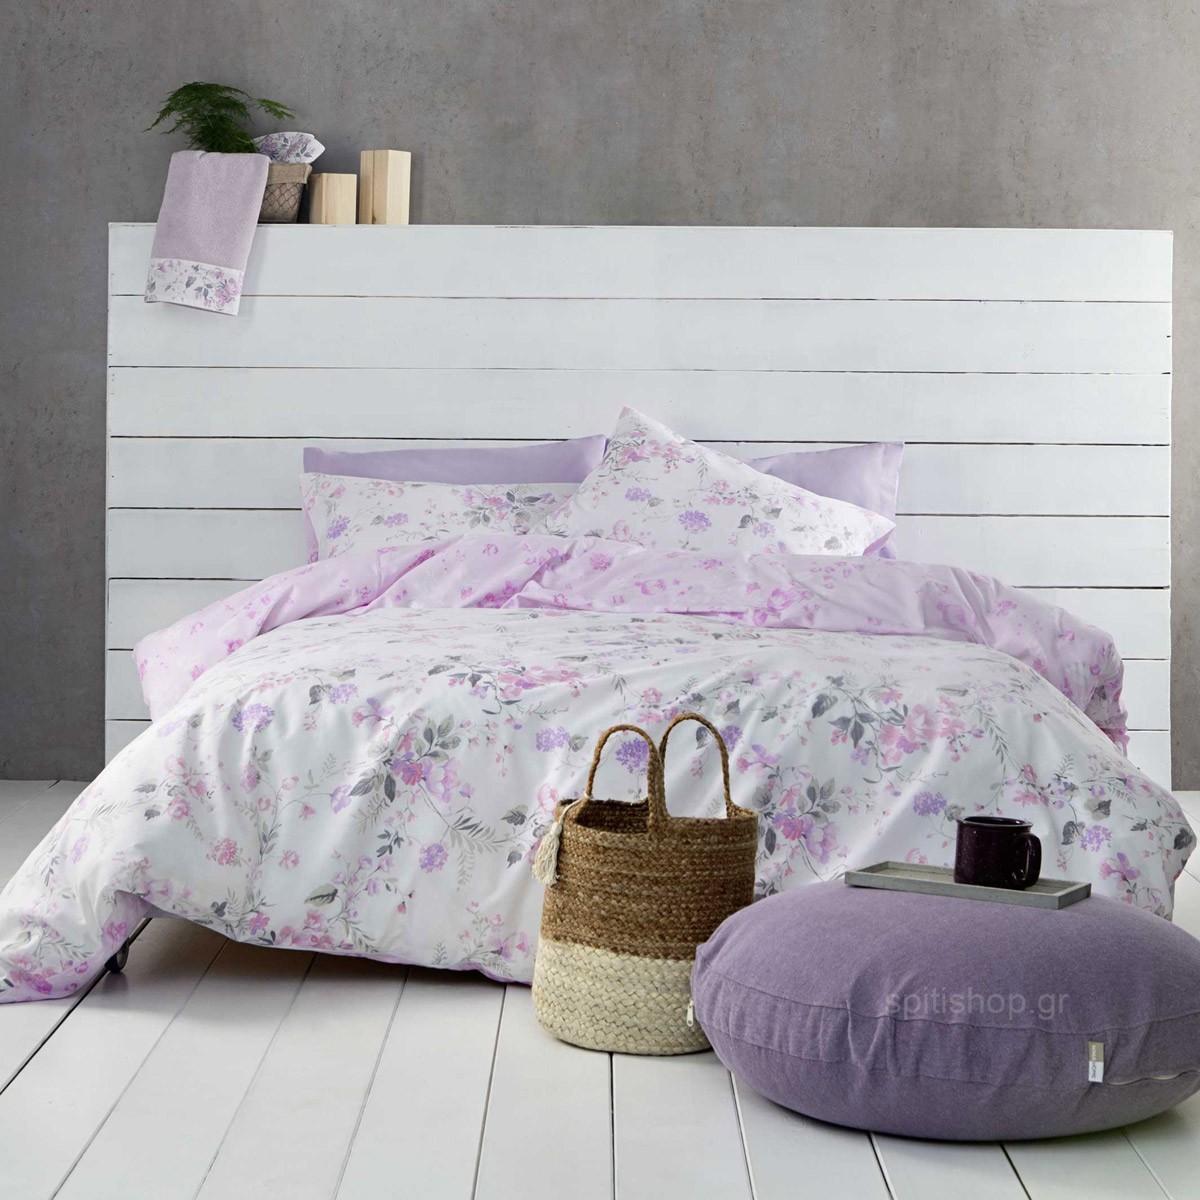 Κουβερλί Υπέρδιπλο Nima Bed Linen Floret Pink